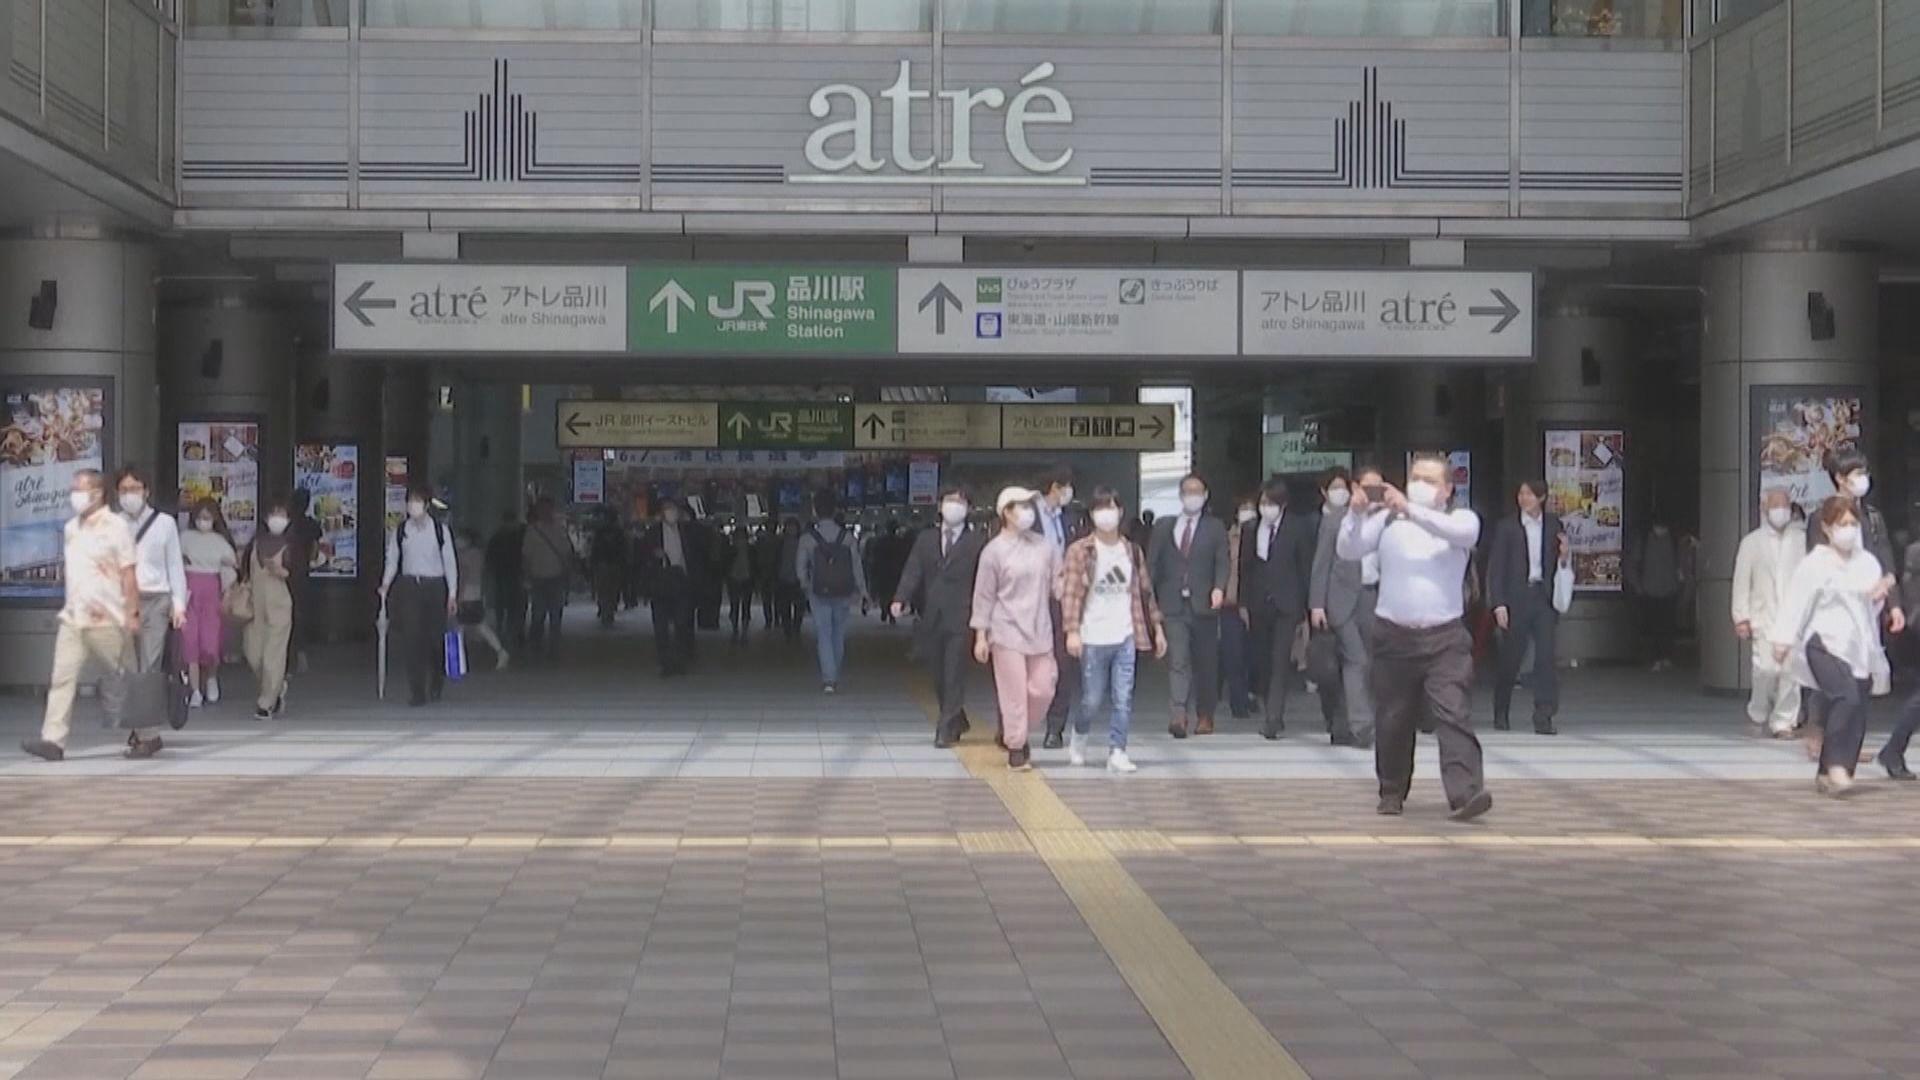 東京新增314宗確診 菅義偉否認本地遊計劃加劇疫情